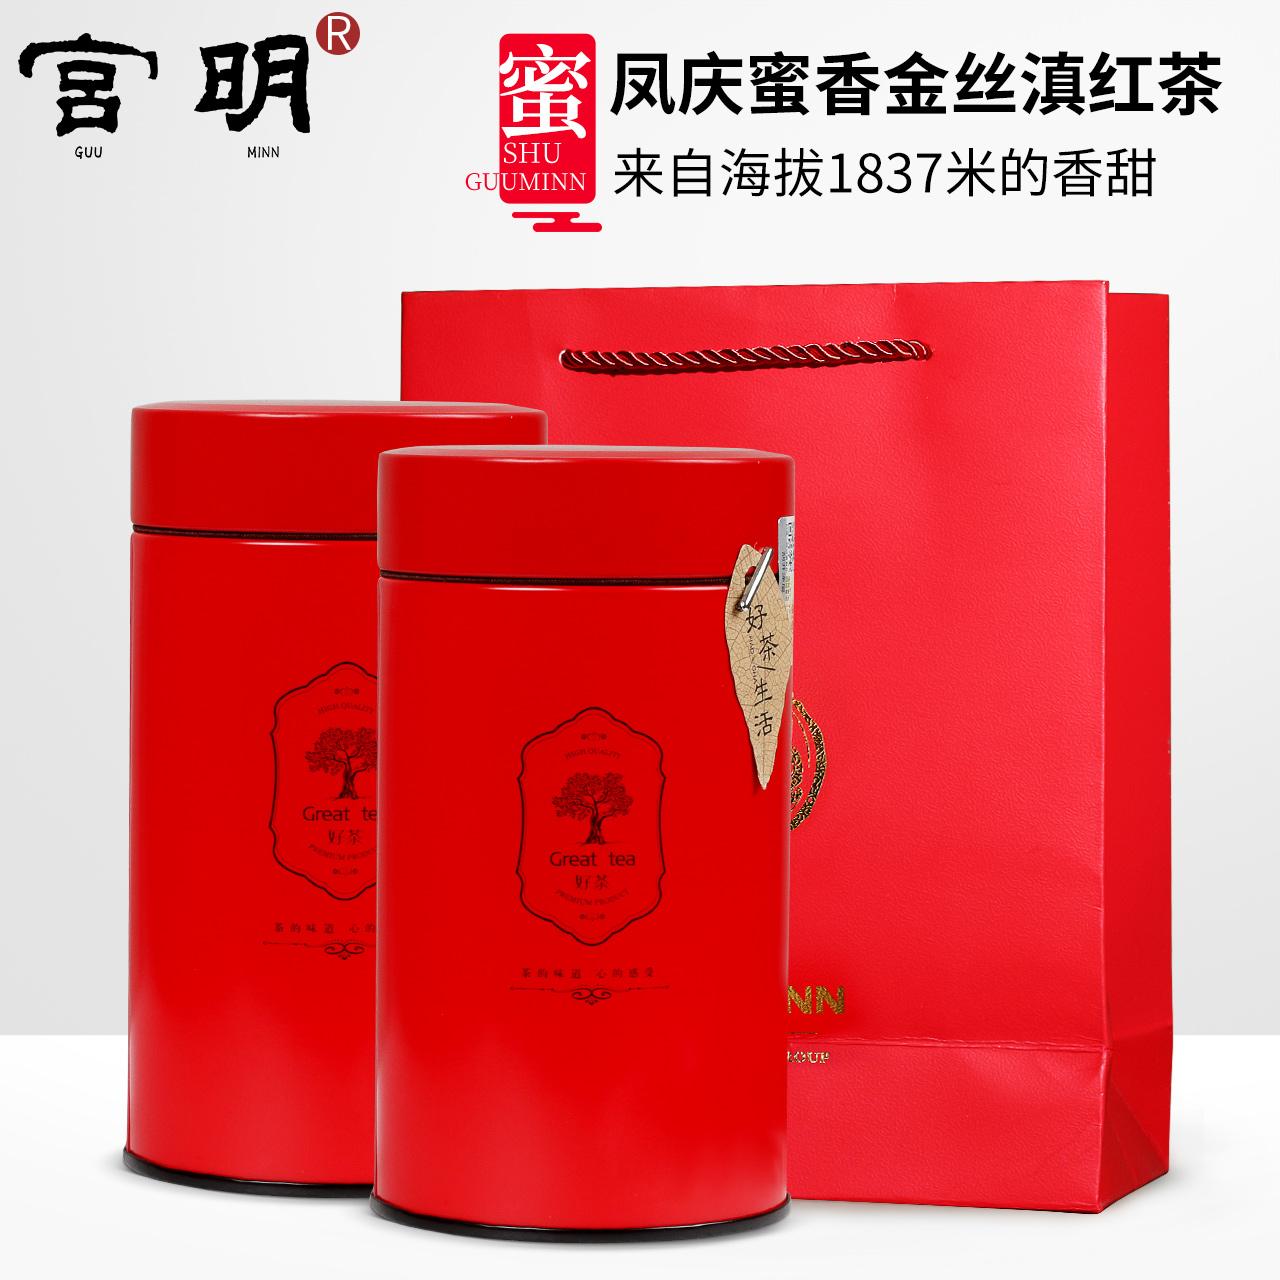 宫明茶叶 云南凤庆高海拔古树滇红茶 蜜香工夫金丝红茶200克双罐